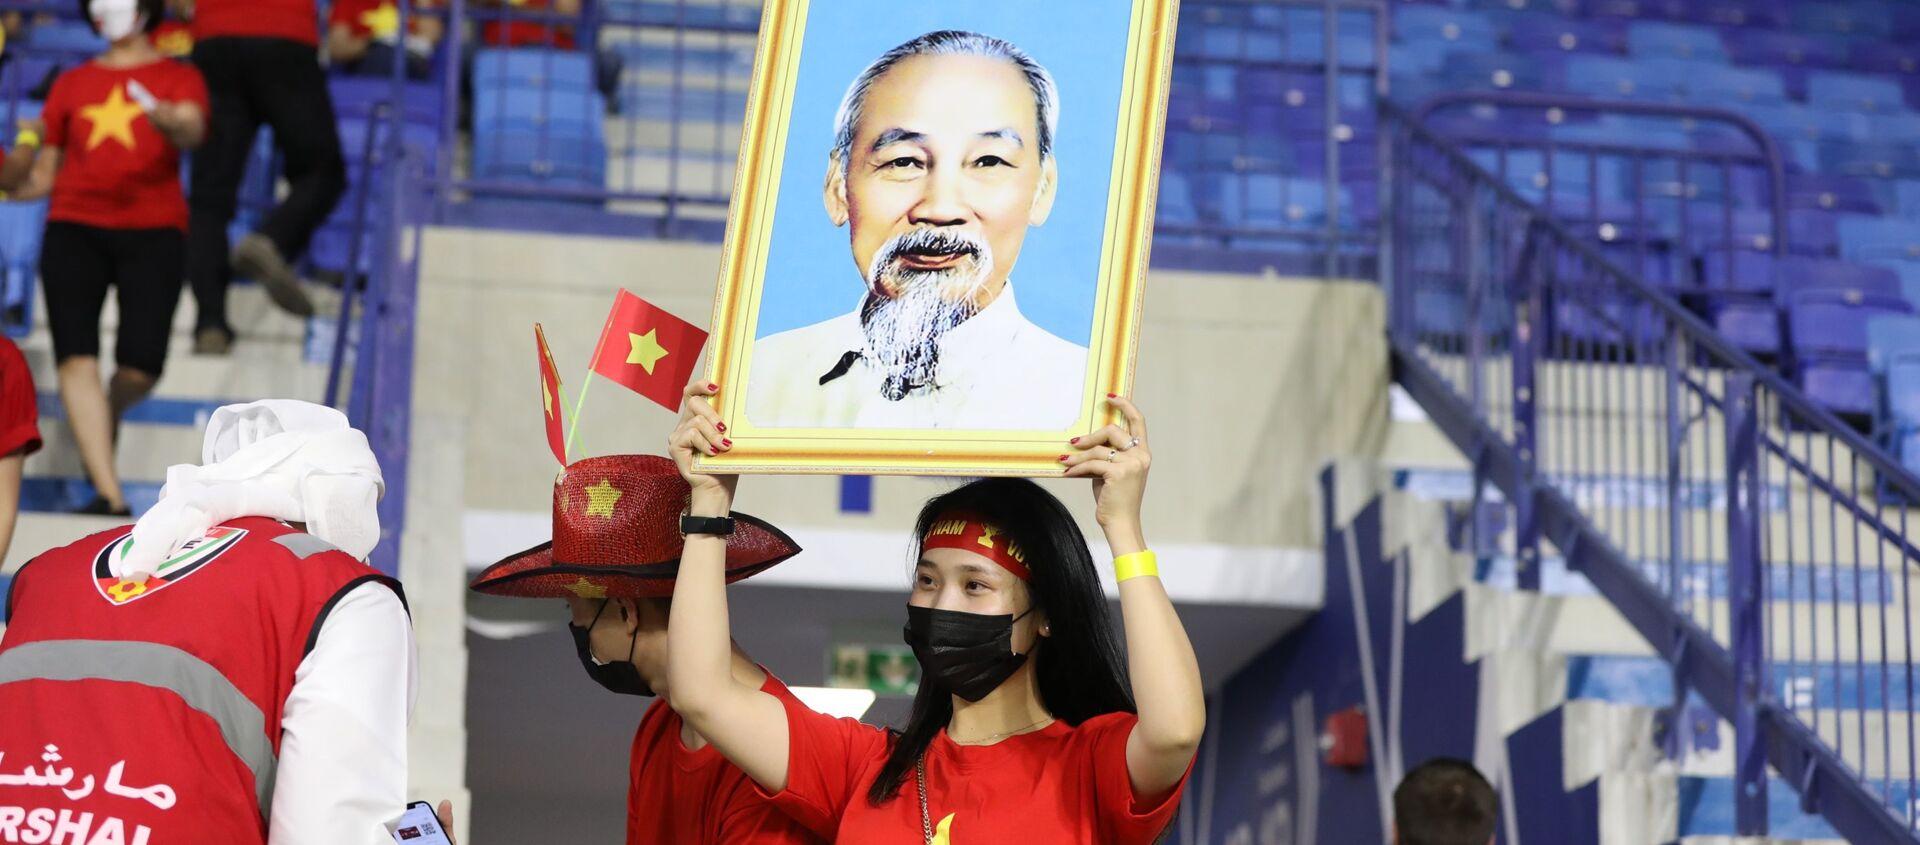 Vòng loại thứ 2 World Cup 2022 khu vực châu Á: Cổ động viên vào sân cổ vũ cho đội tuyển Việt Nam gặp Malaysia - Sputnik Việt Nam, 1920, 14.06.2021